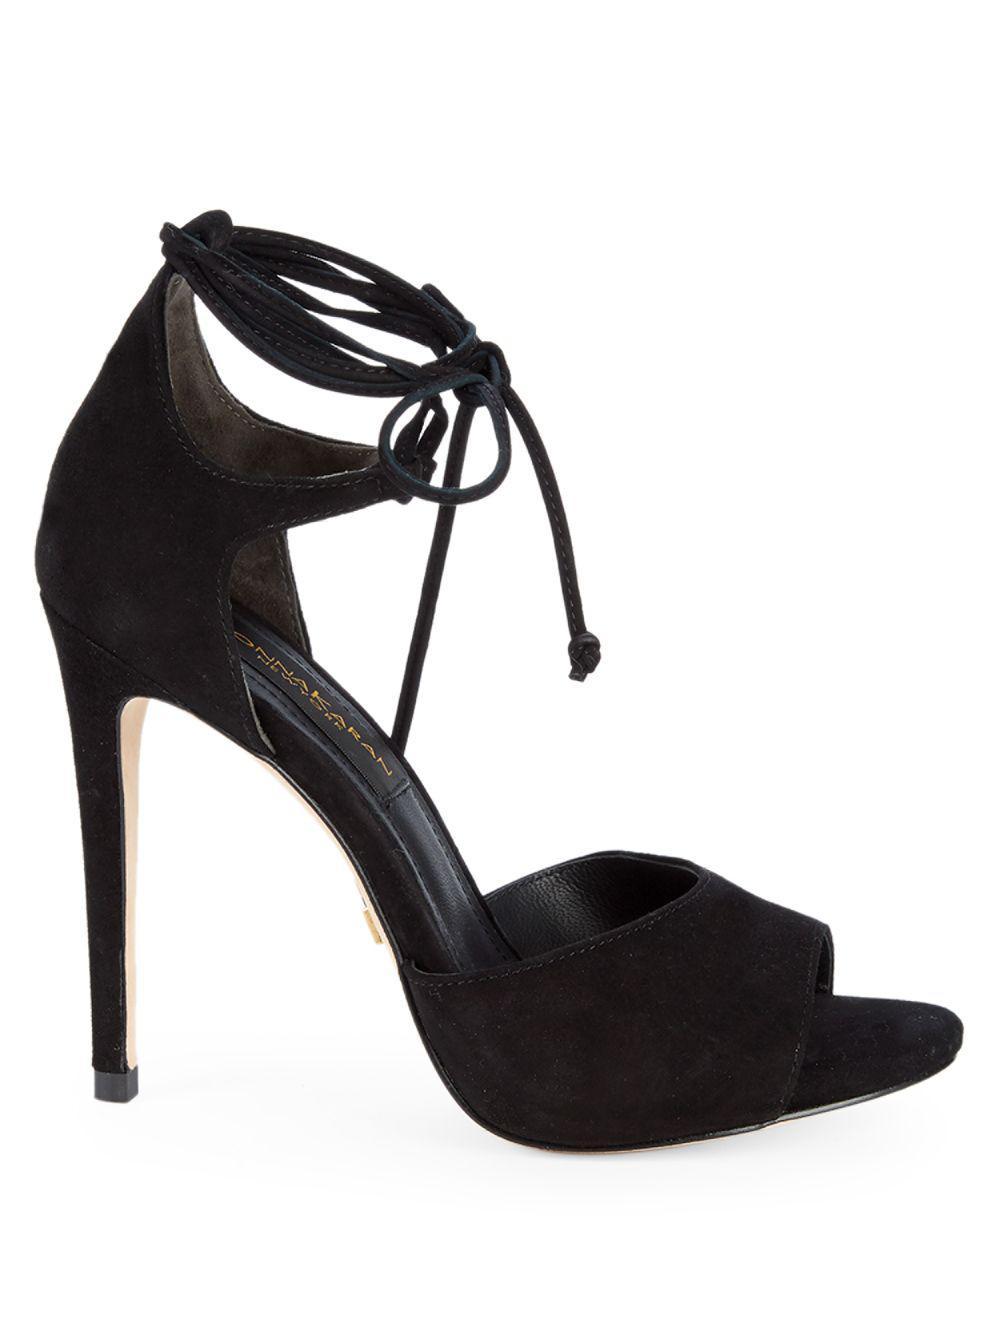 0bb880d6fb Donna Karan Suri Suede Ankle-strap High-heel Sandals in Black - Lyst